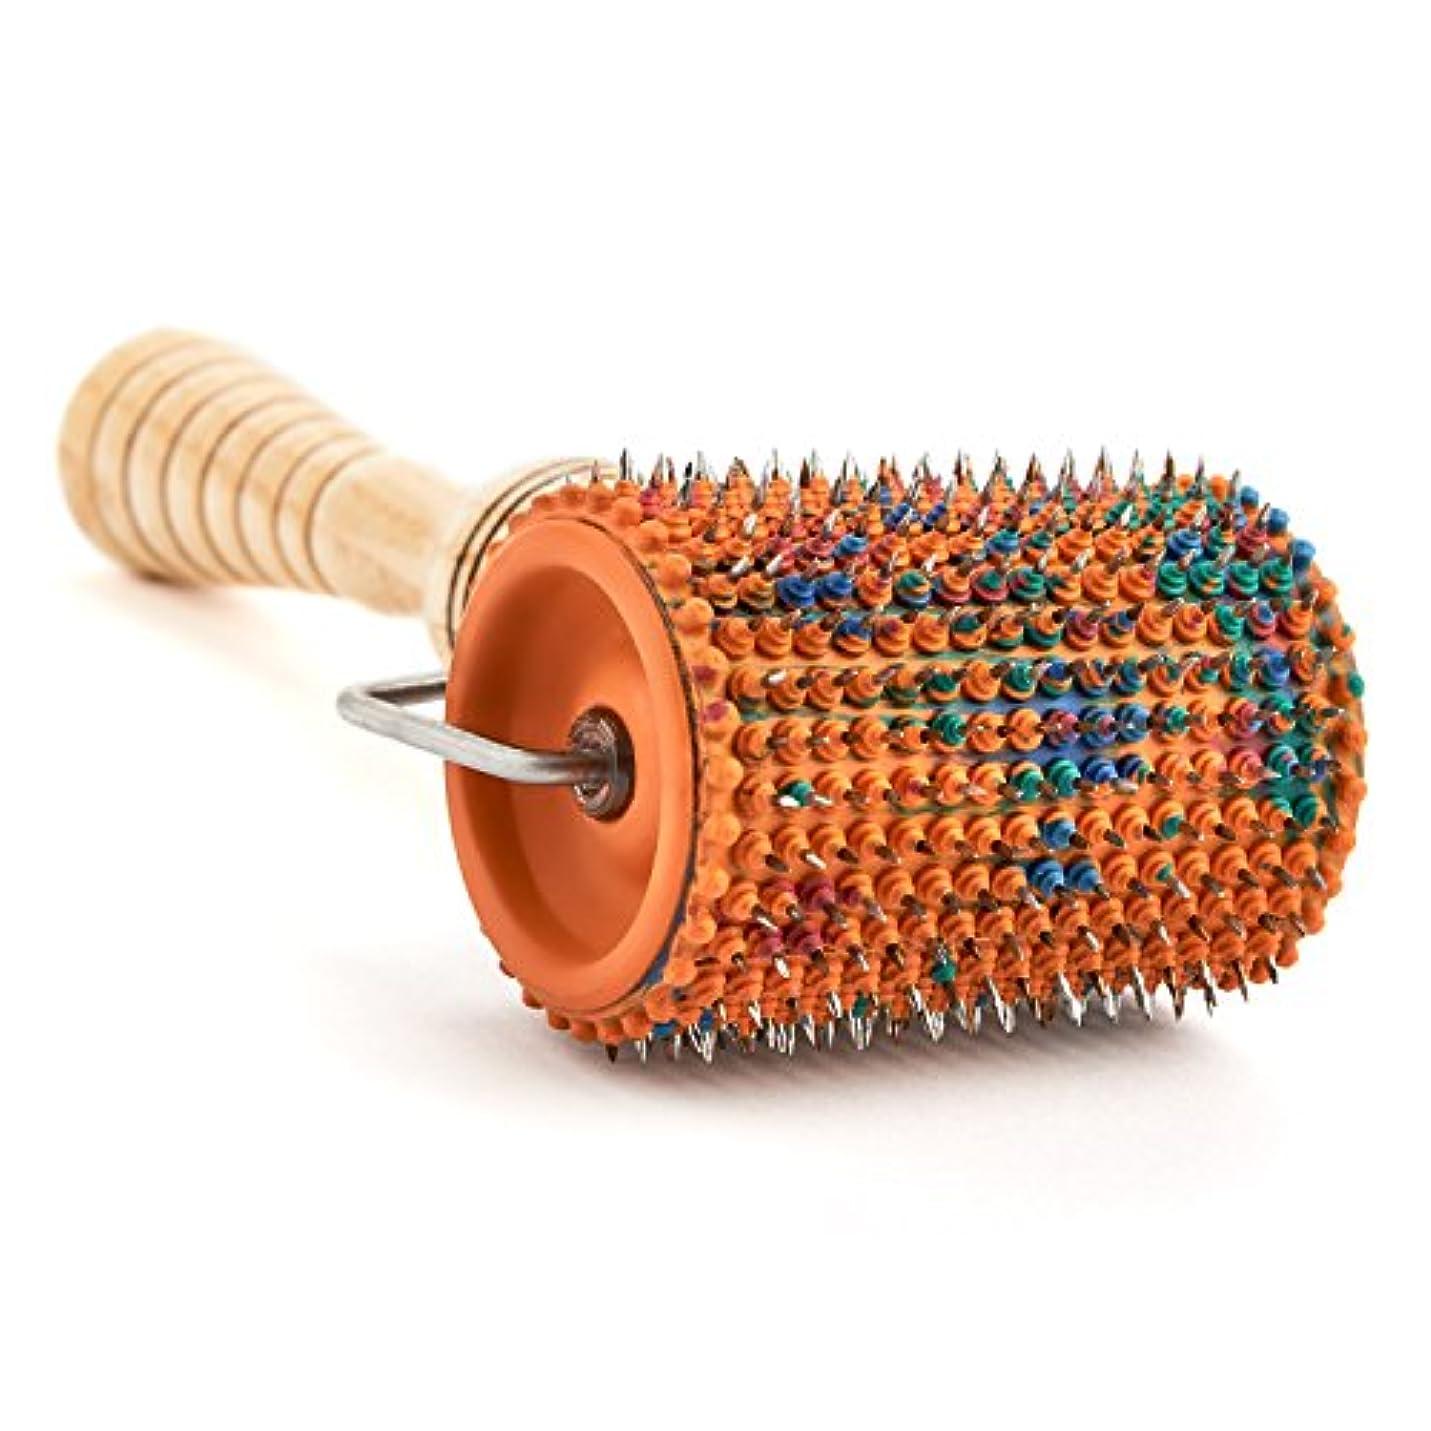 寄託邪魔する苦しみAcupuncture for Body Massage - Acupressure Applicator Lyapko Roller UNIVERSAL-M (with rubber bushings) by Lyapko